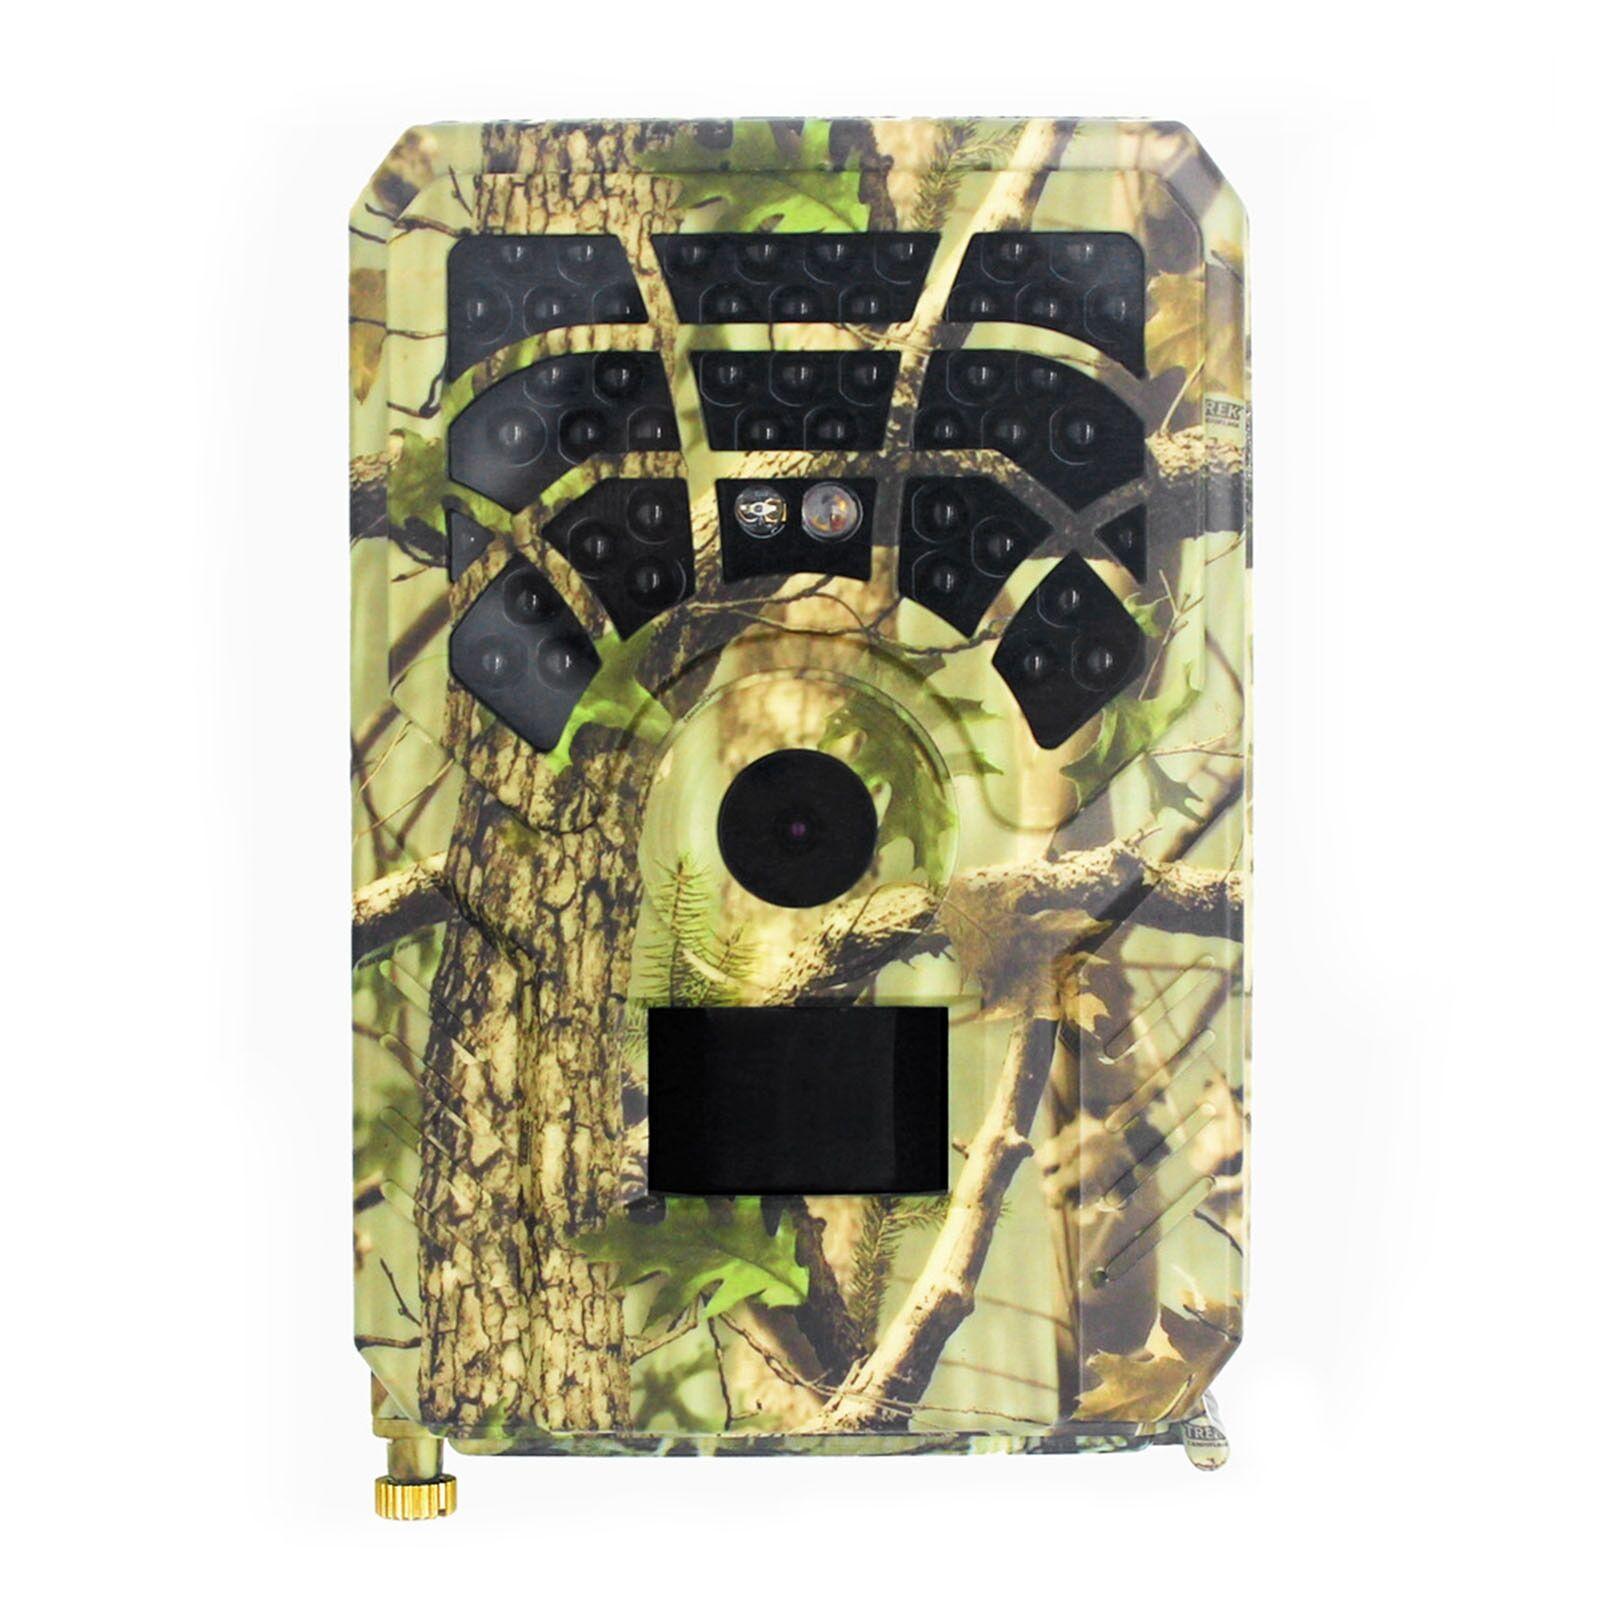 AliExpress Caméra de chasse et de suivi des sentiers, 120 degrés, infrarouge, vision nocturne, surveillance de